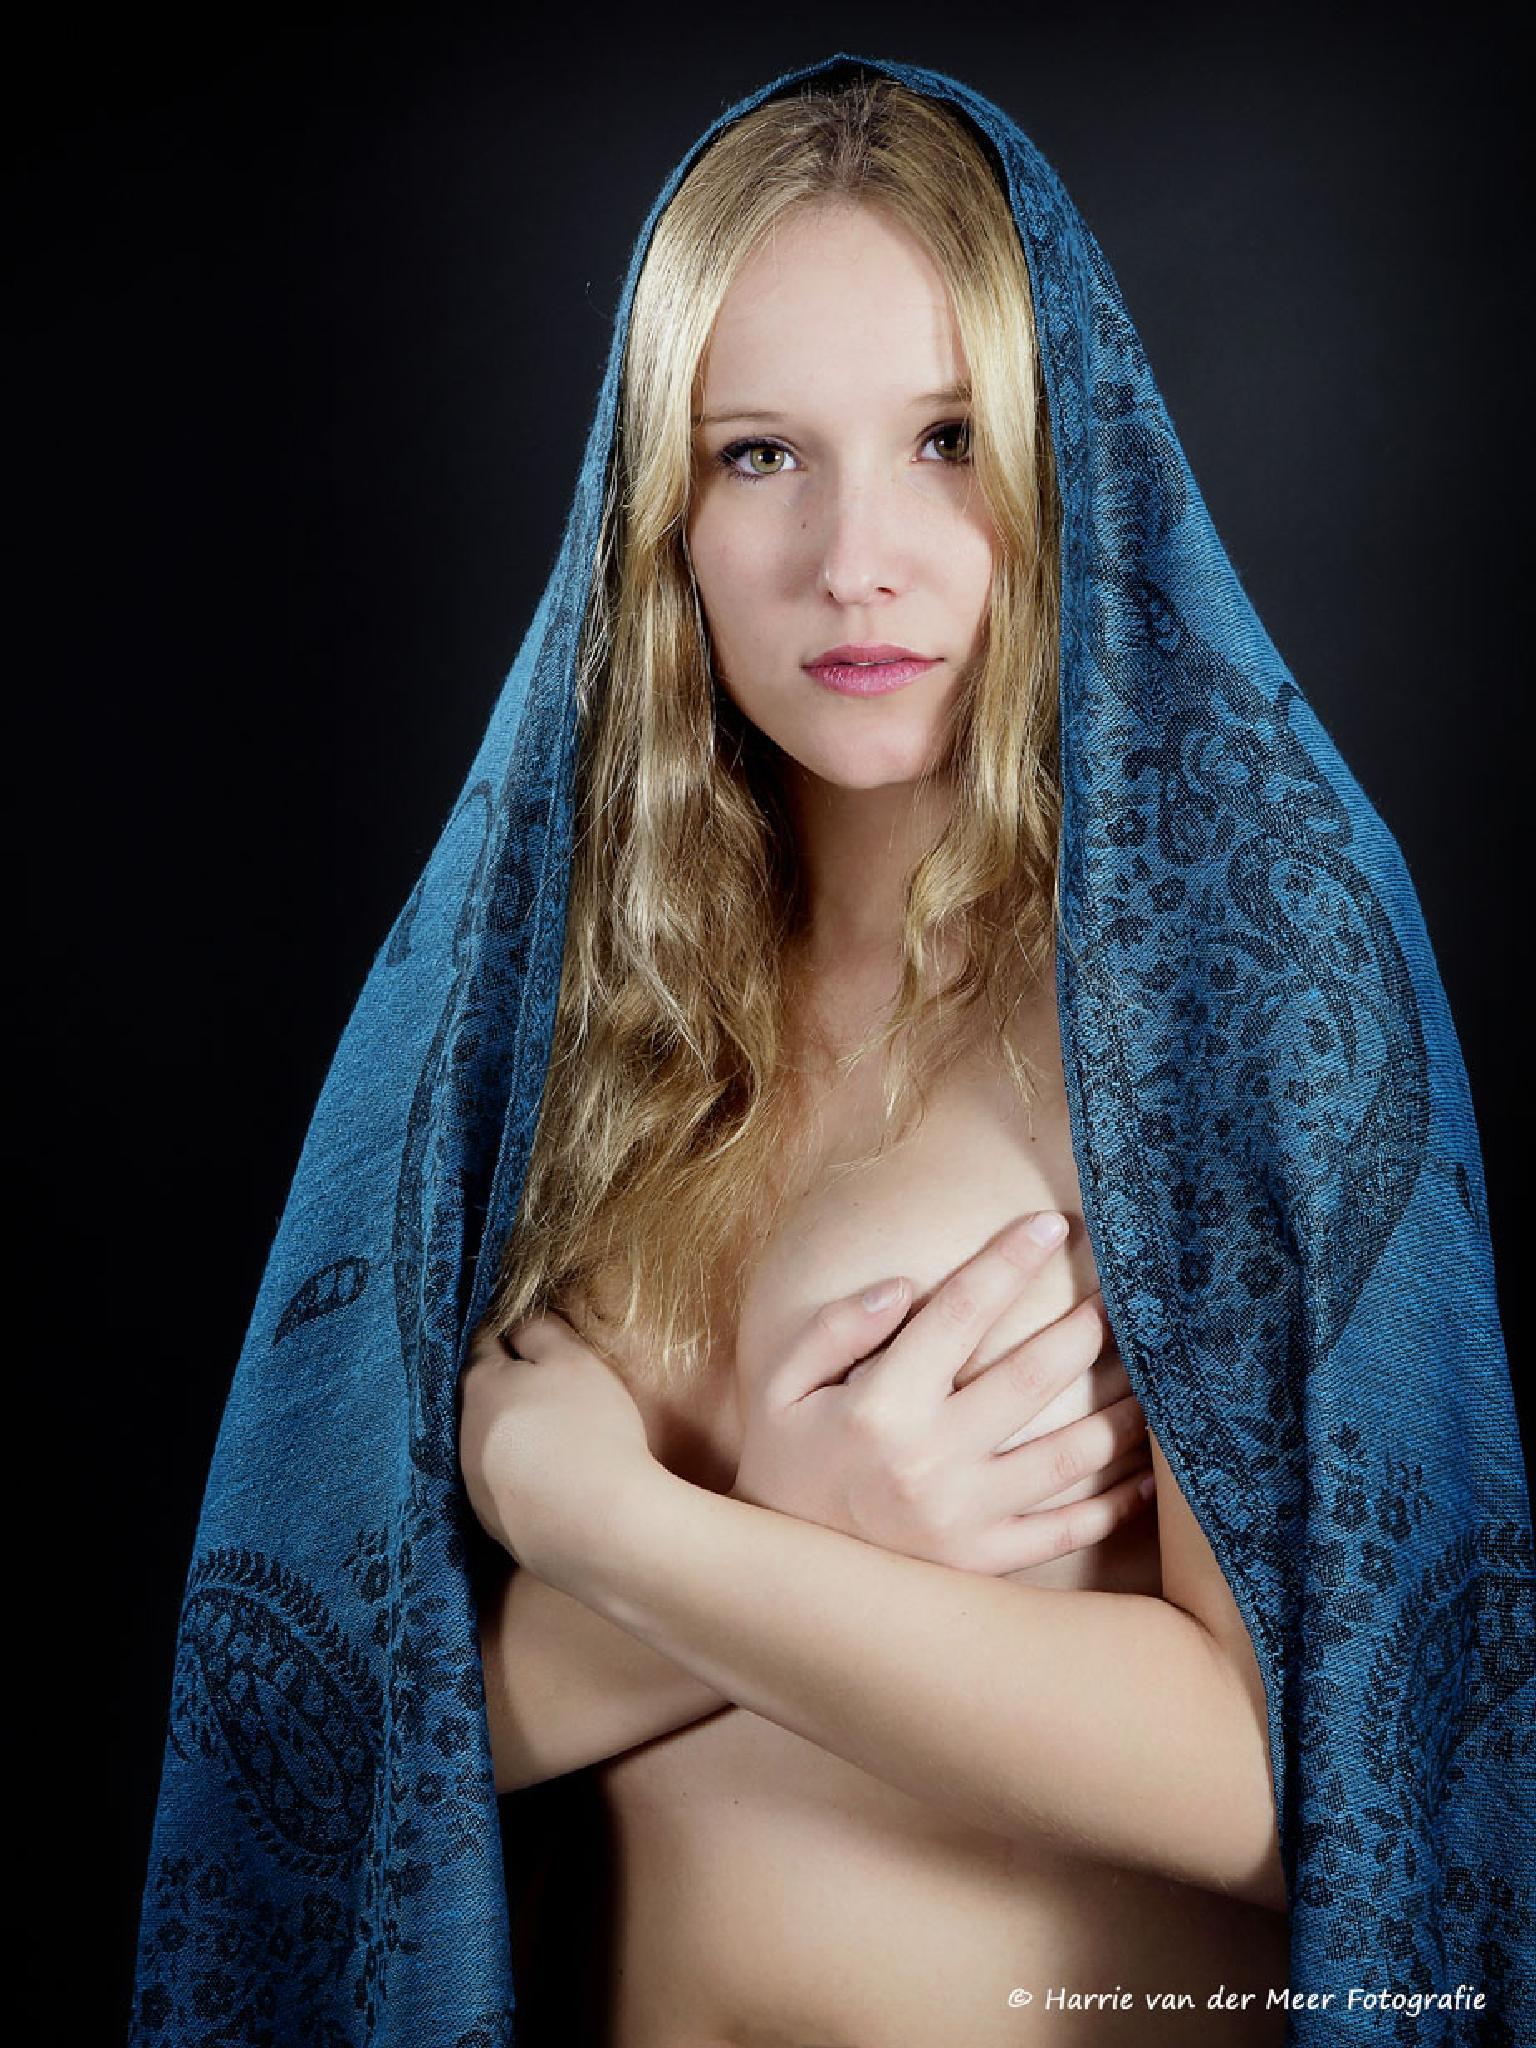 Madonna by Harrie van der Meer Fotografie